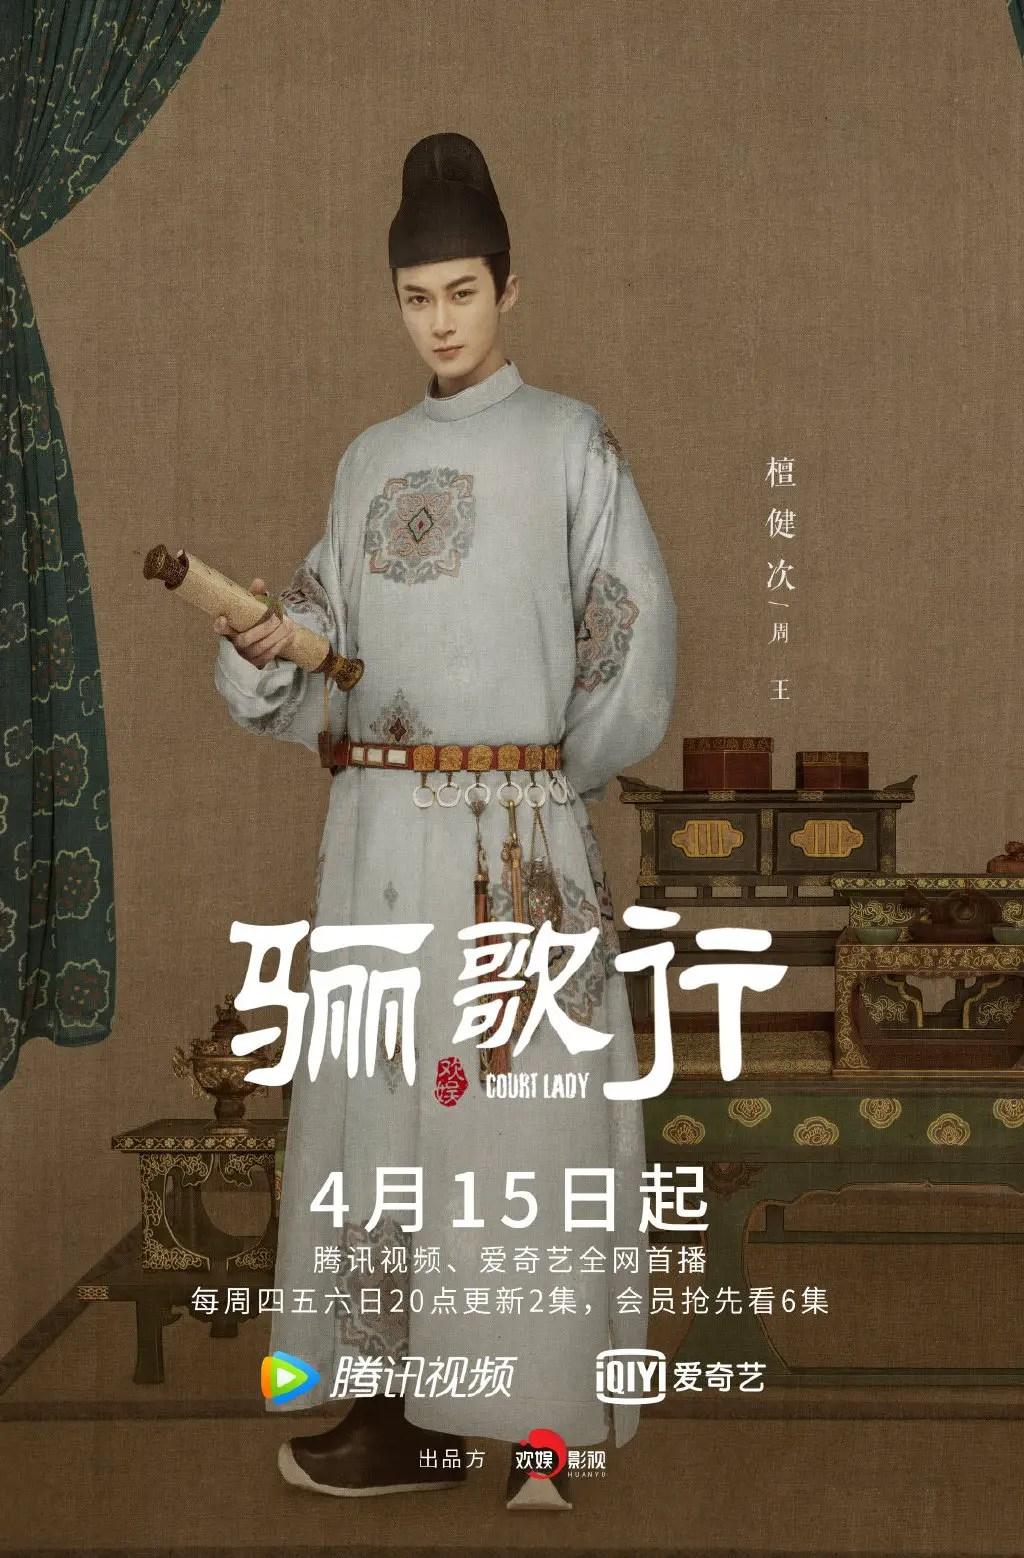 Tan Jian Ci